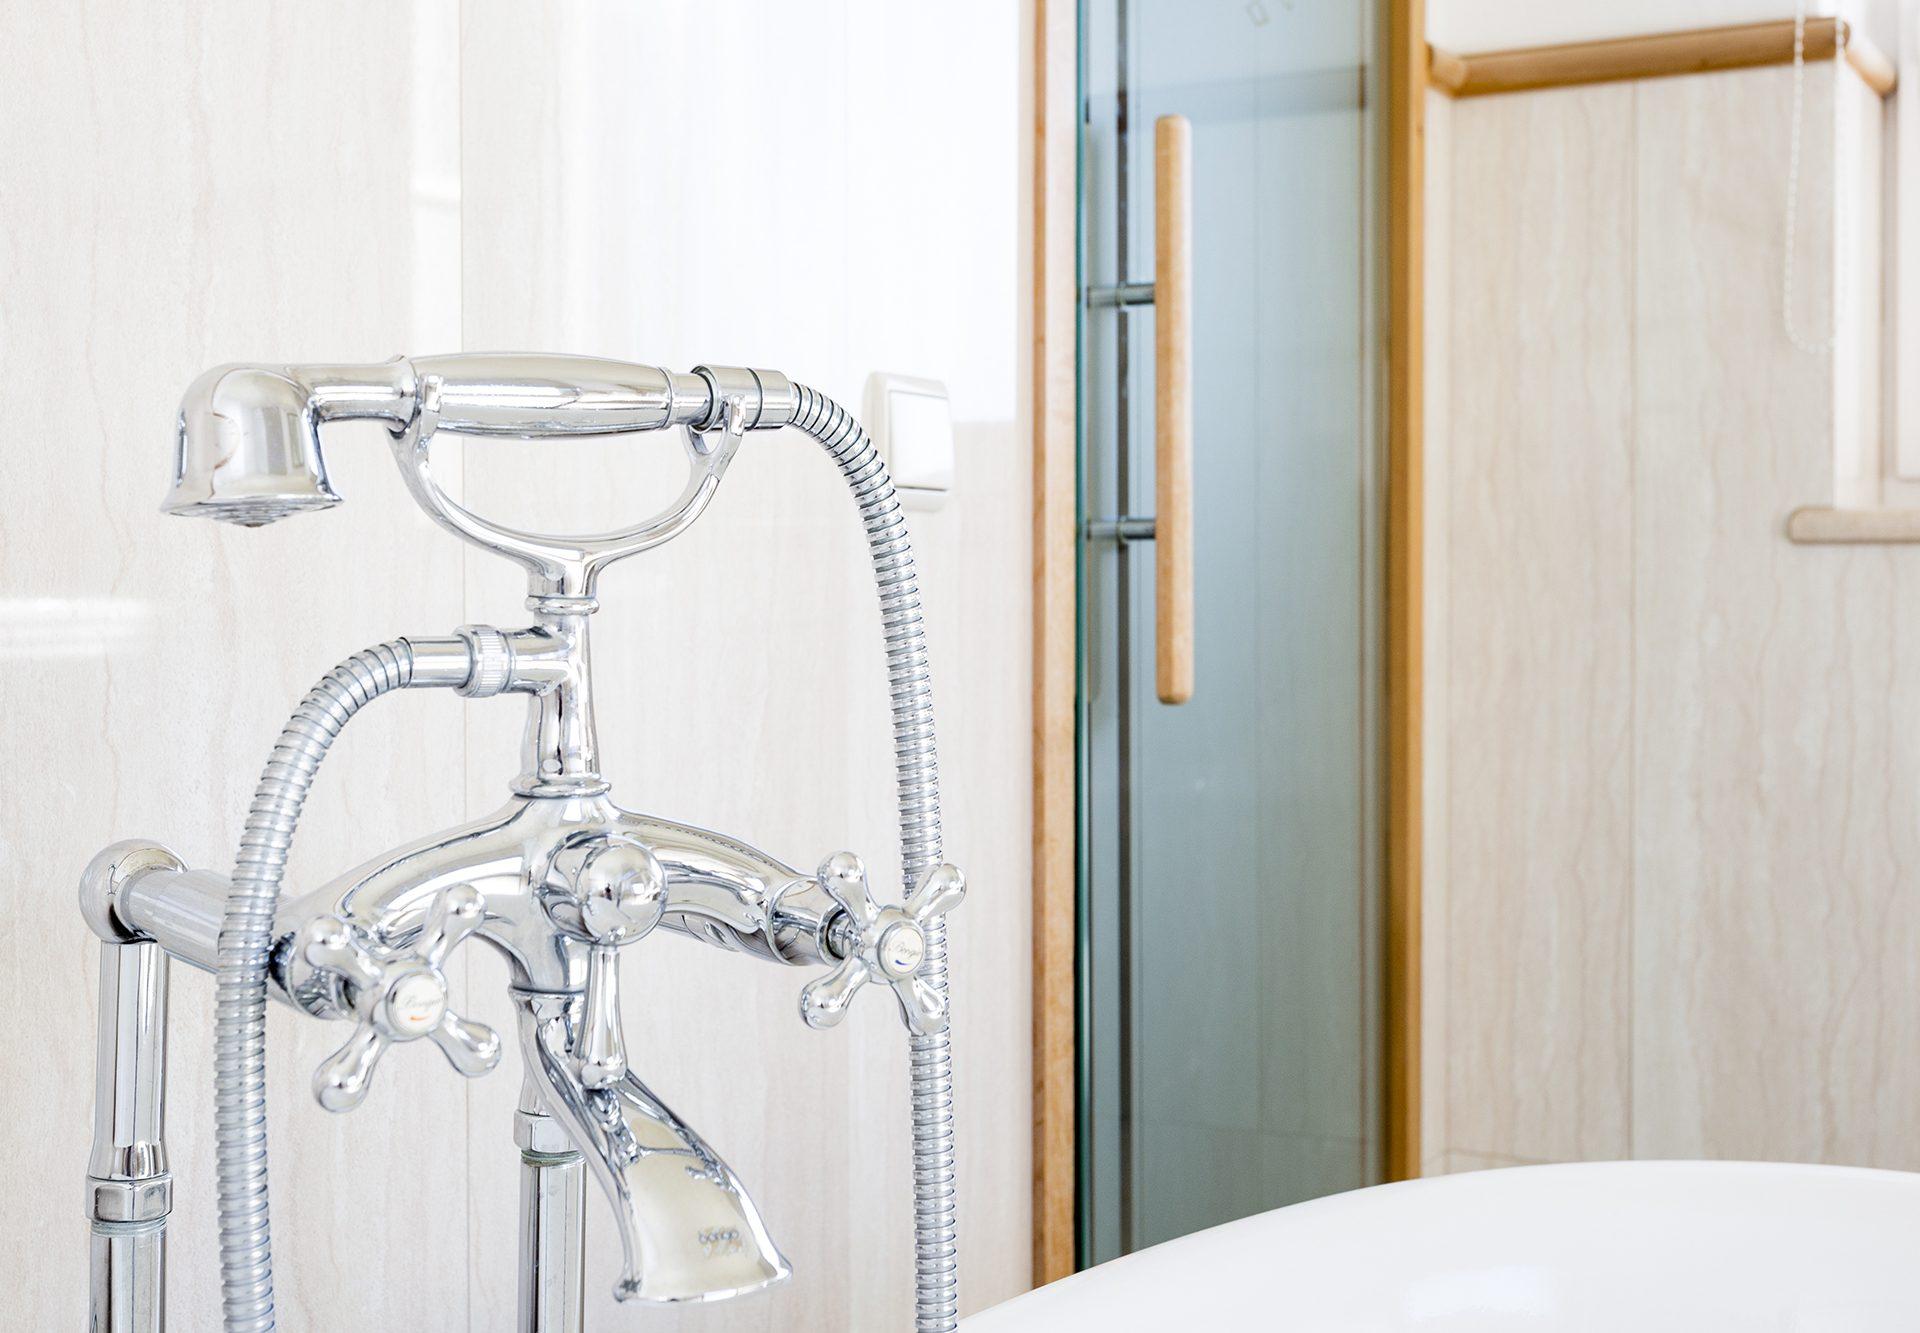 Standardzimmer Bad Badewanne Wasserhahn